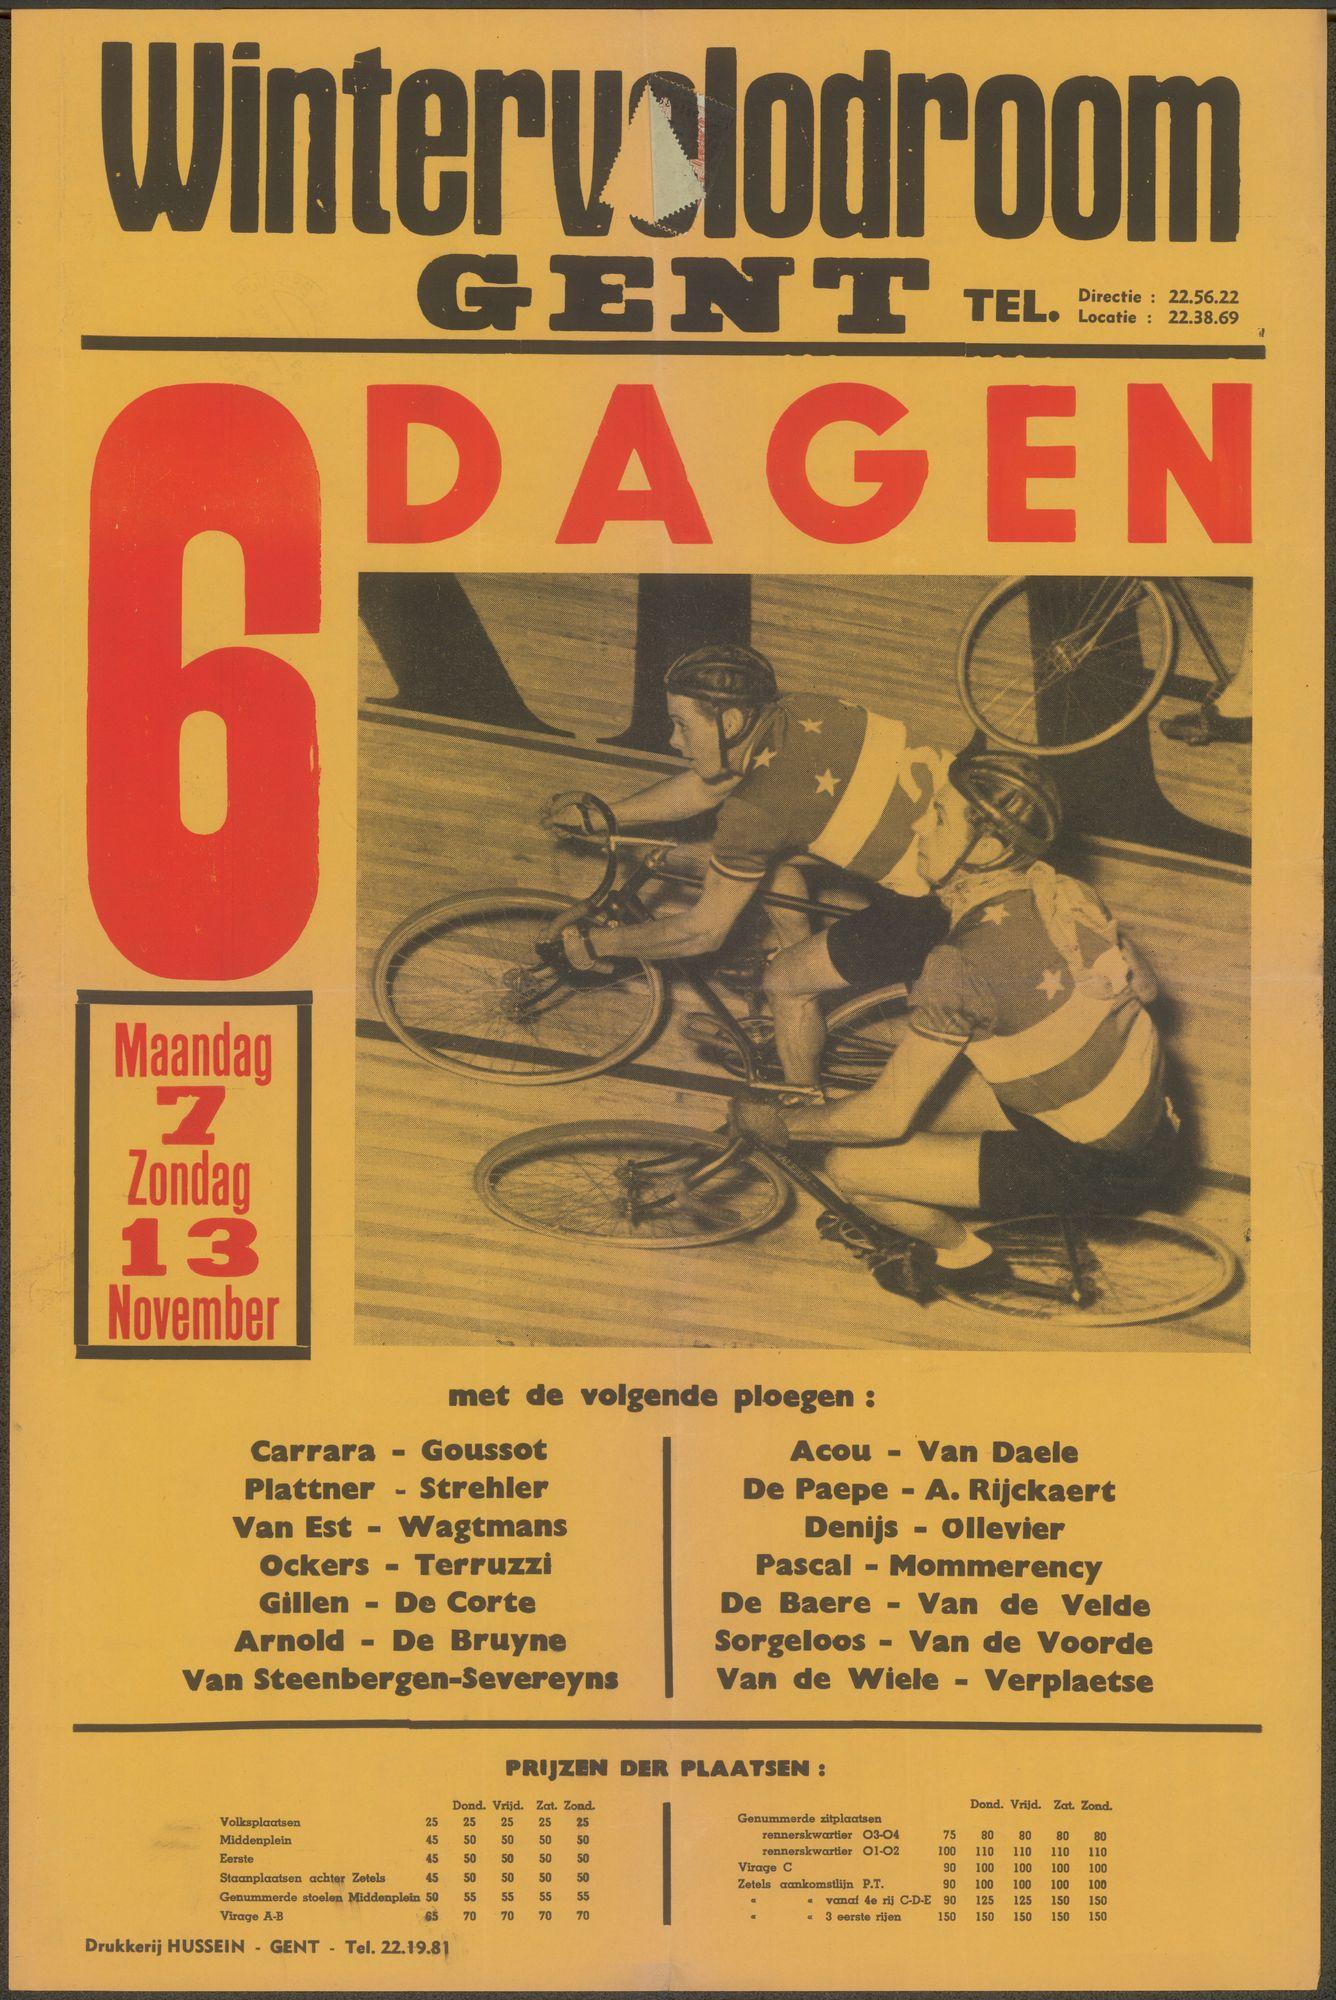 6 dagen, Wintervelodroom Gent, maandag 7 - zondag 13 november 1955